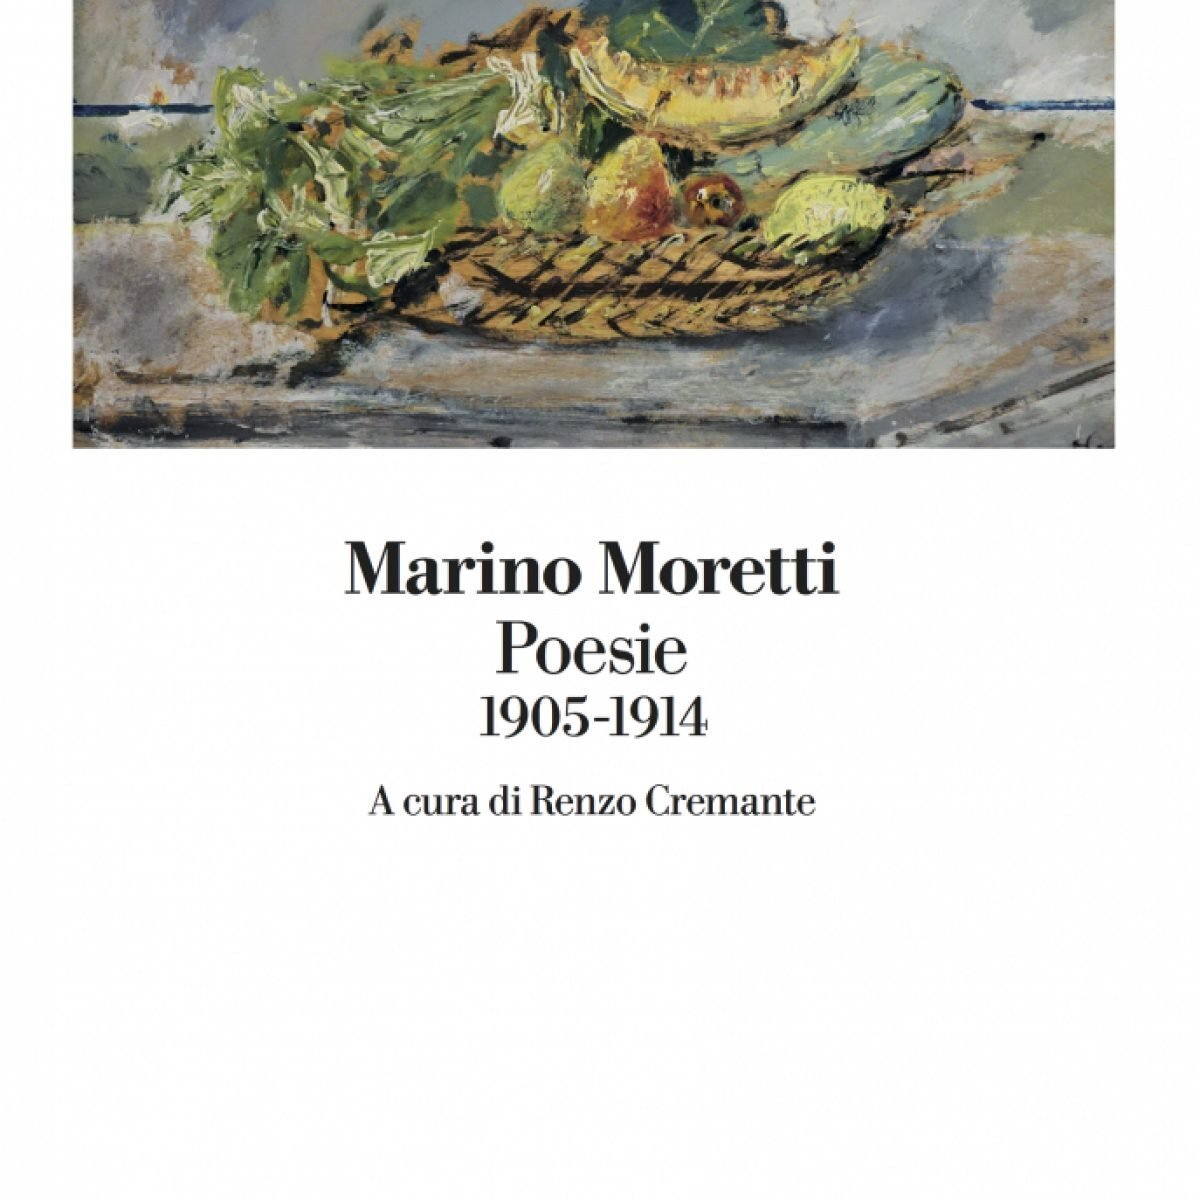 Marino Moretti, un poeta «sano e sincero» da riscoprire